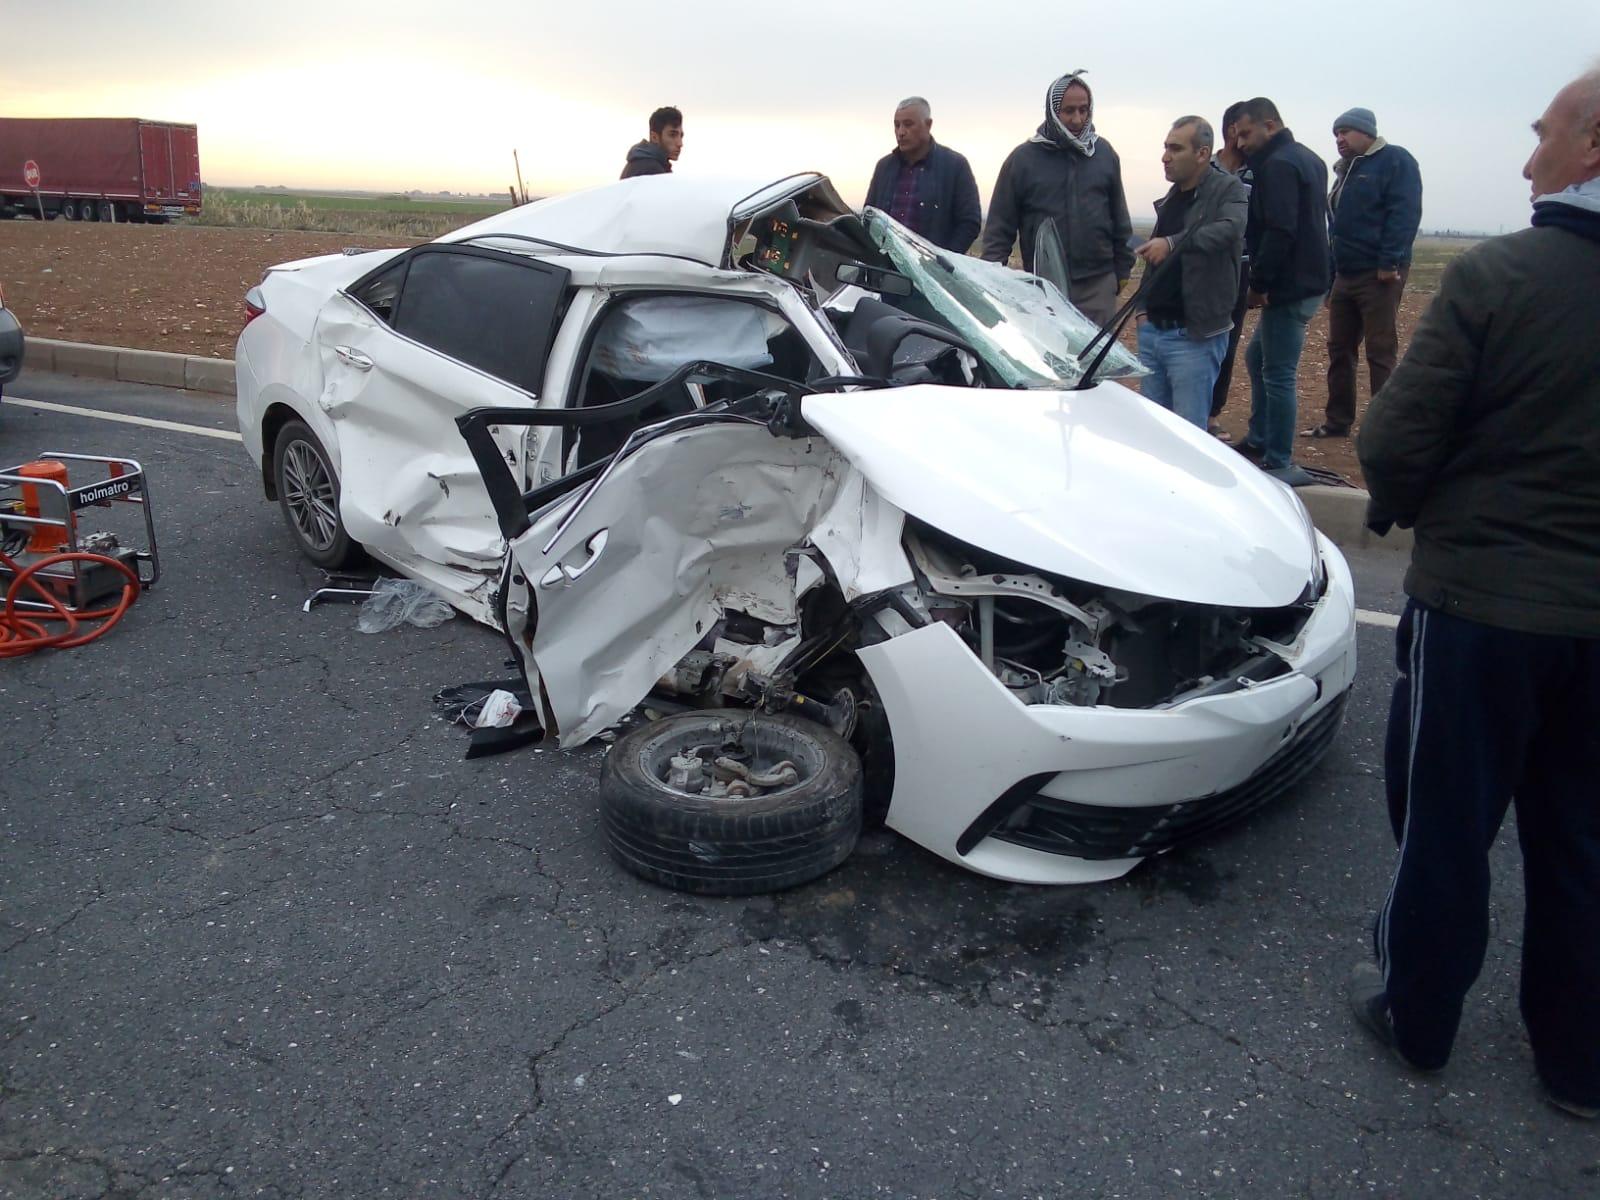 Mardin'de tır ile otomobil çarpıştı: 1 ölü, 2 yaralı